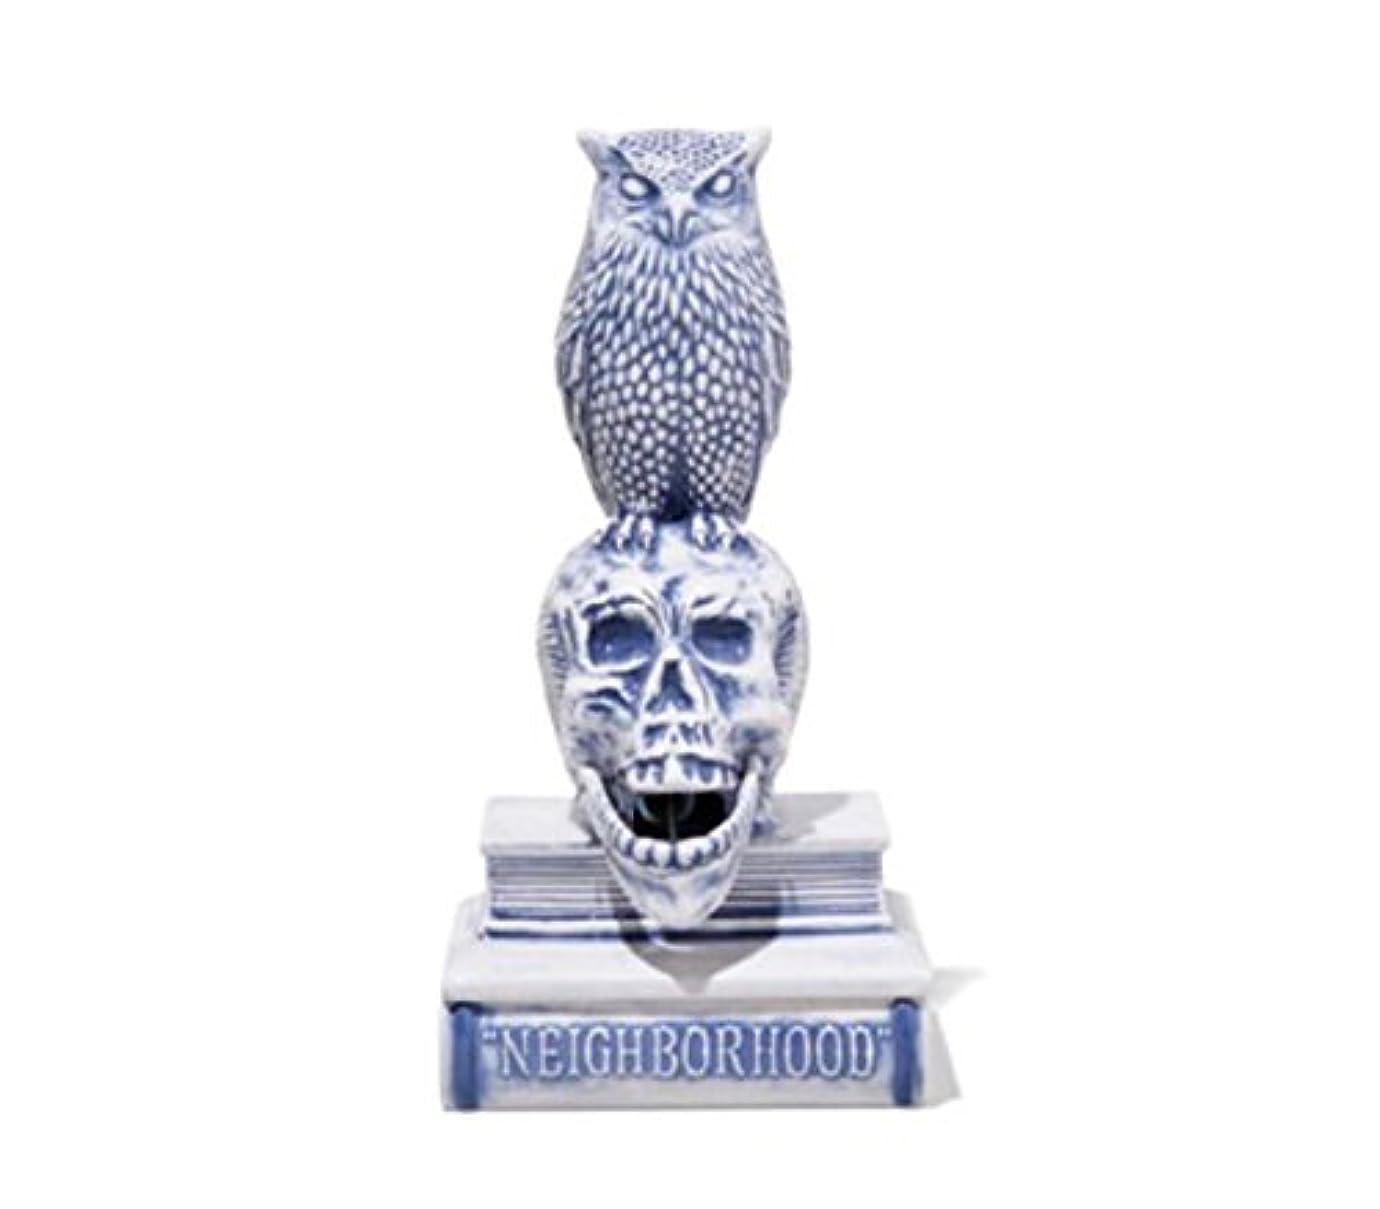 対称リード安定した18SS NEIGHBORHOOD OWL-B / CE-INCENSE CHAMBER お香立て